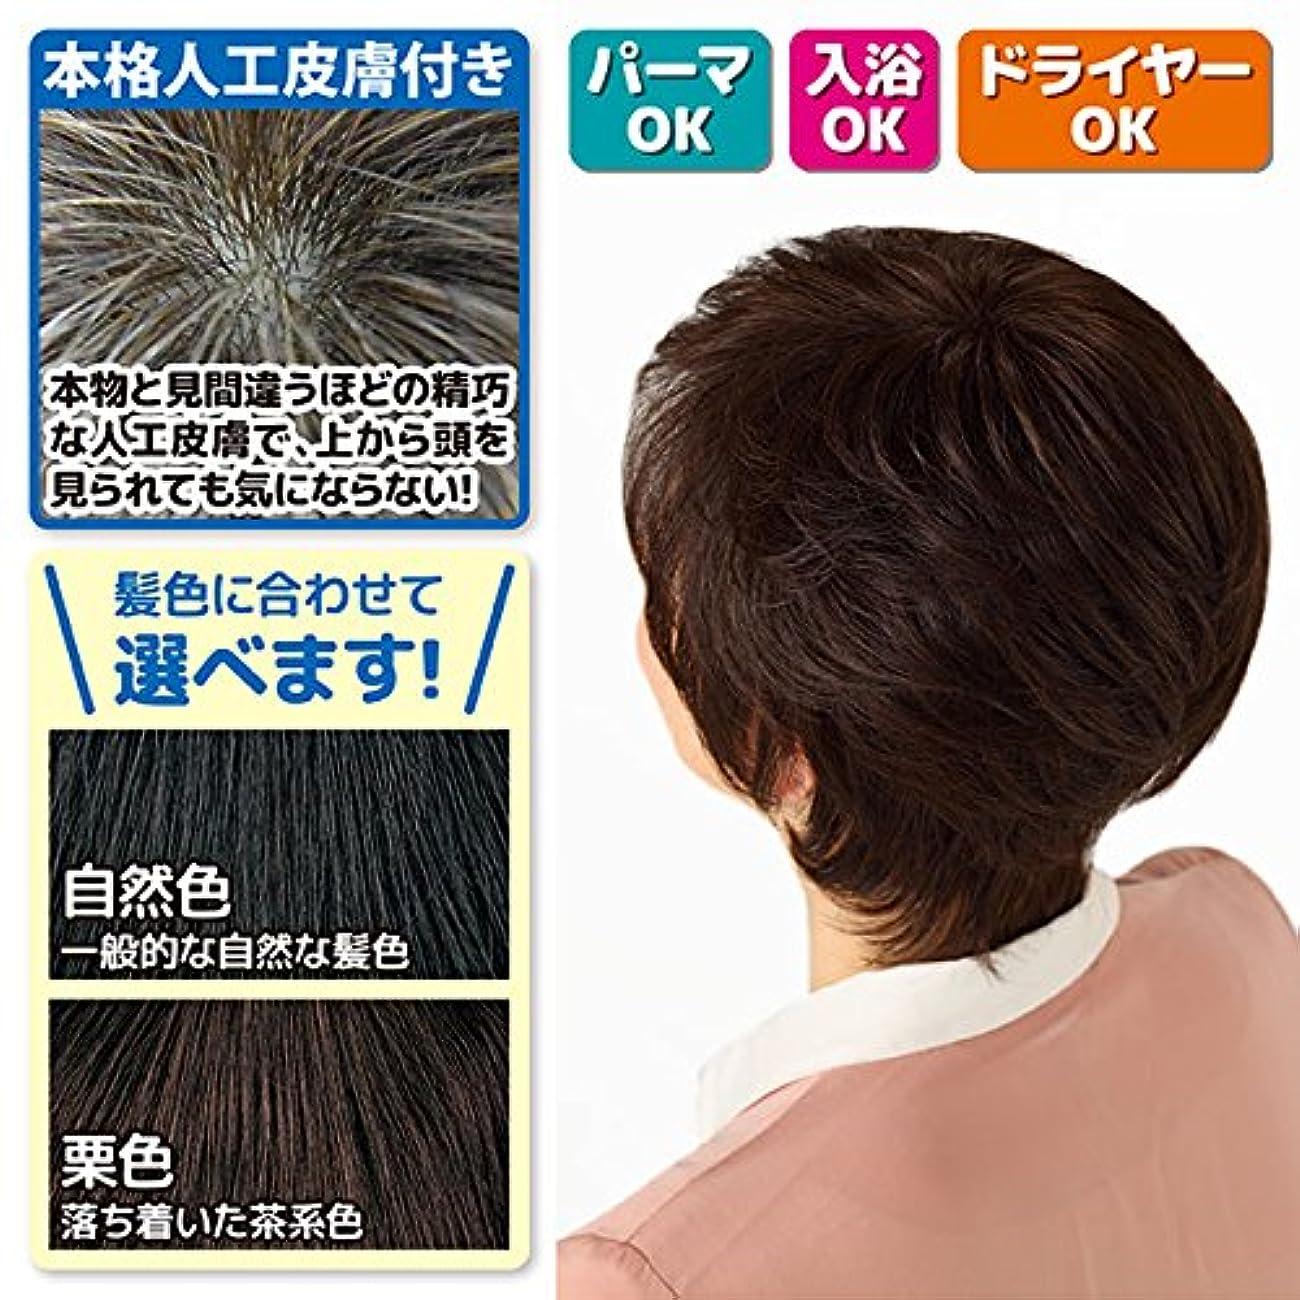 腐った嫌がらせ塩本格人工皮膚付き つむじ用?部分かつら (人毛100%) カラー:栗色